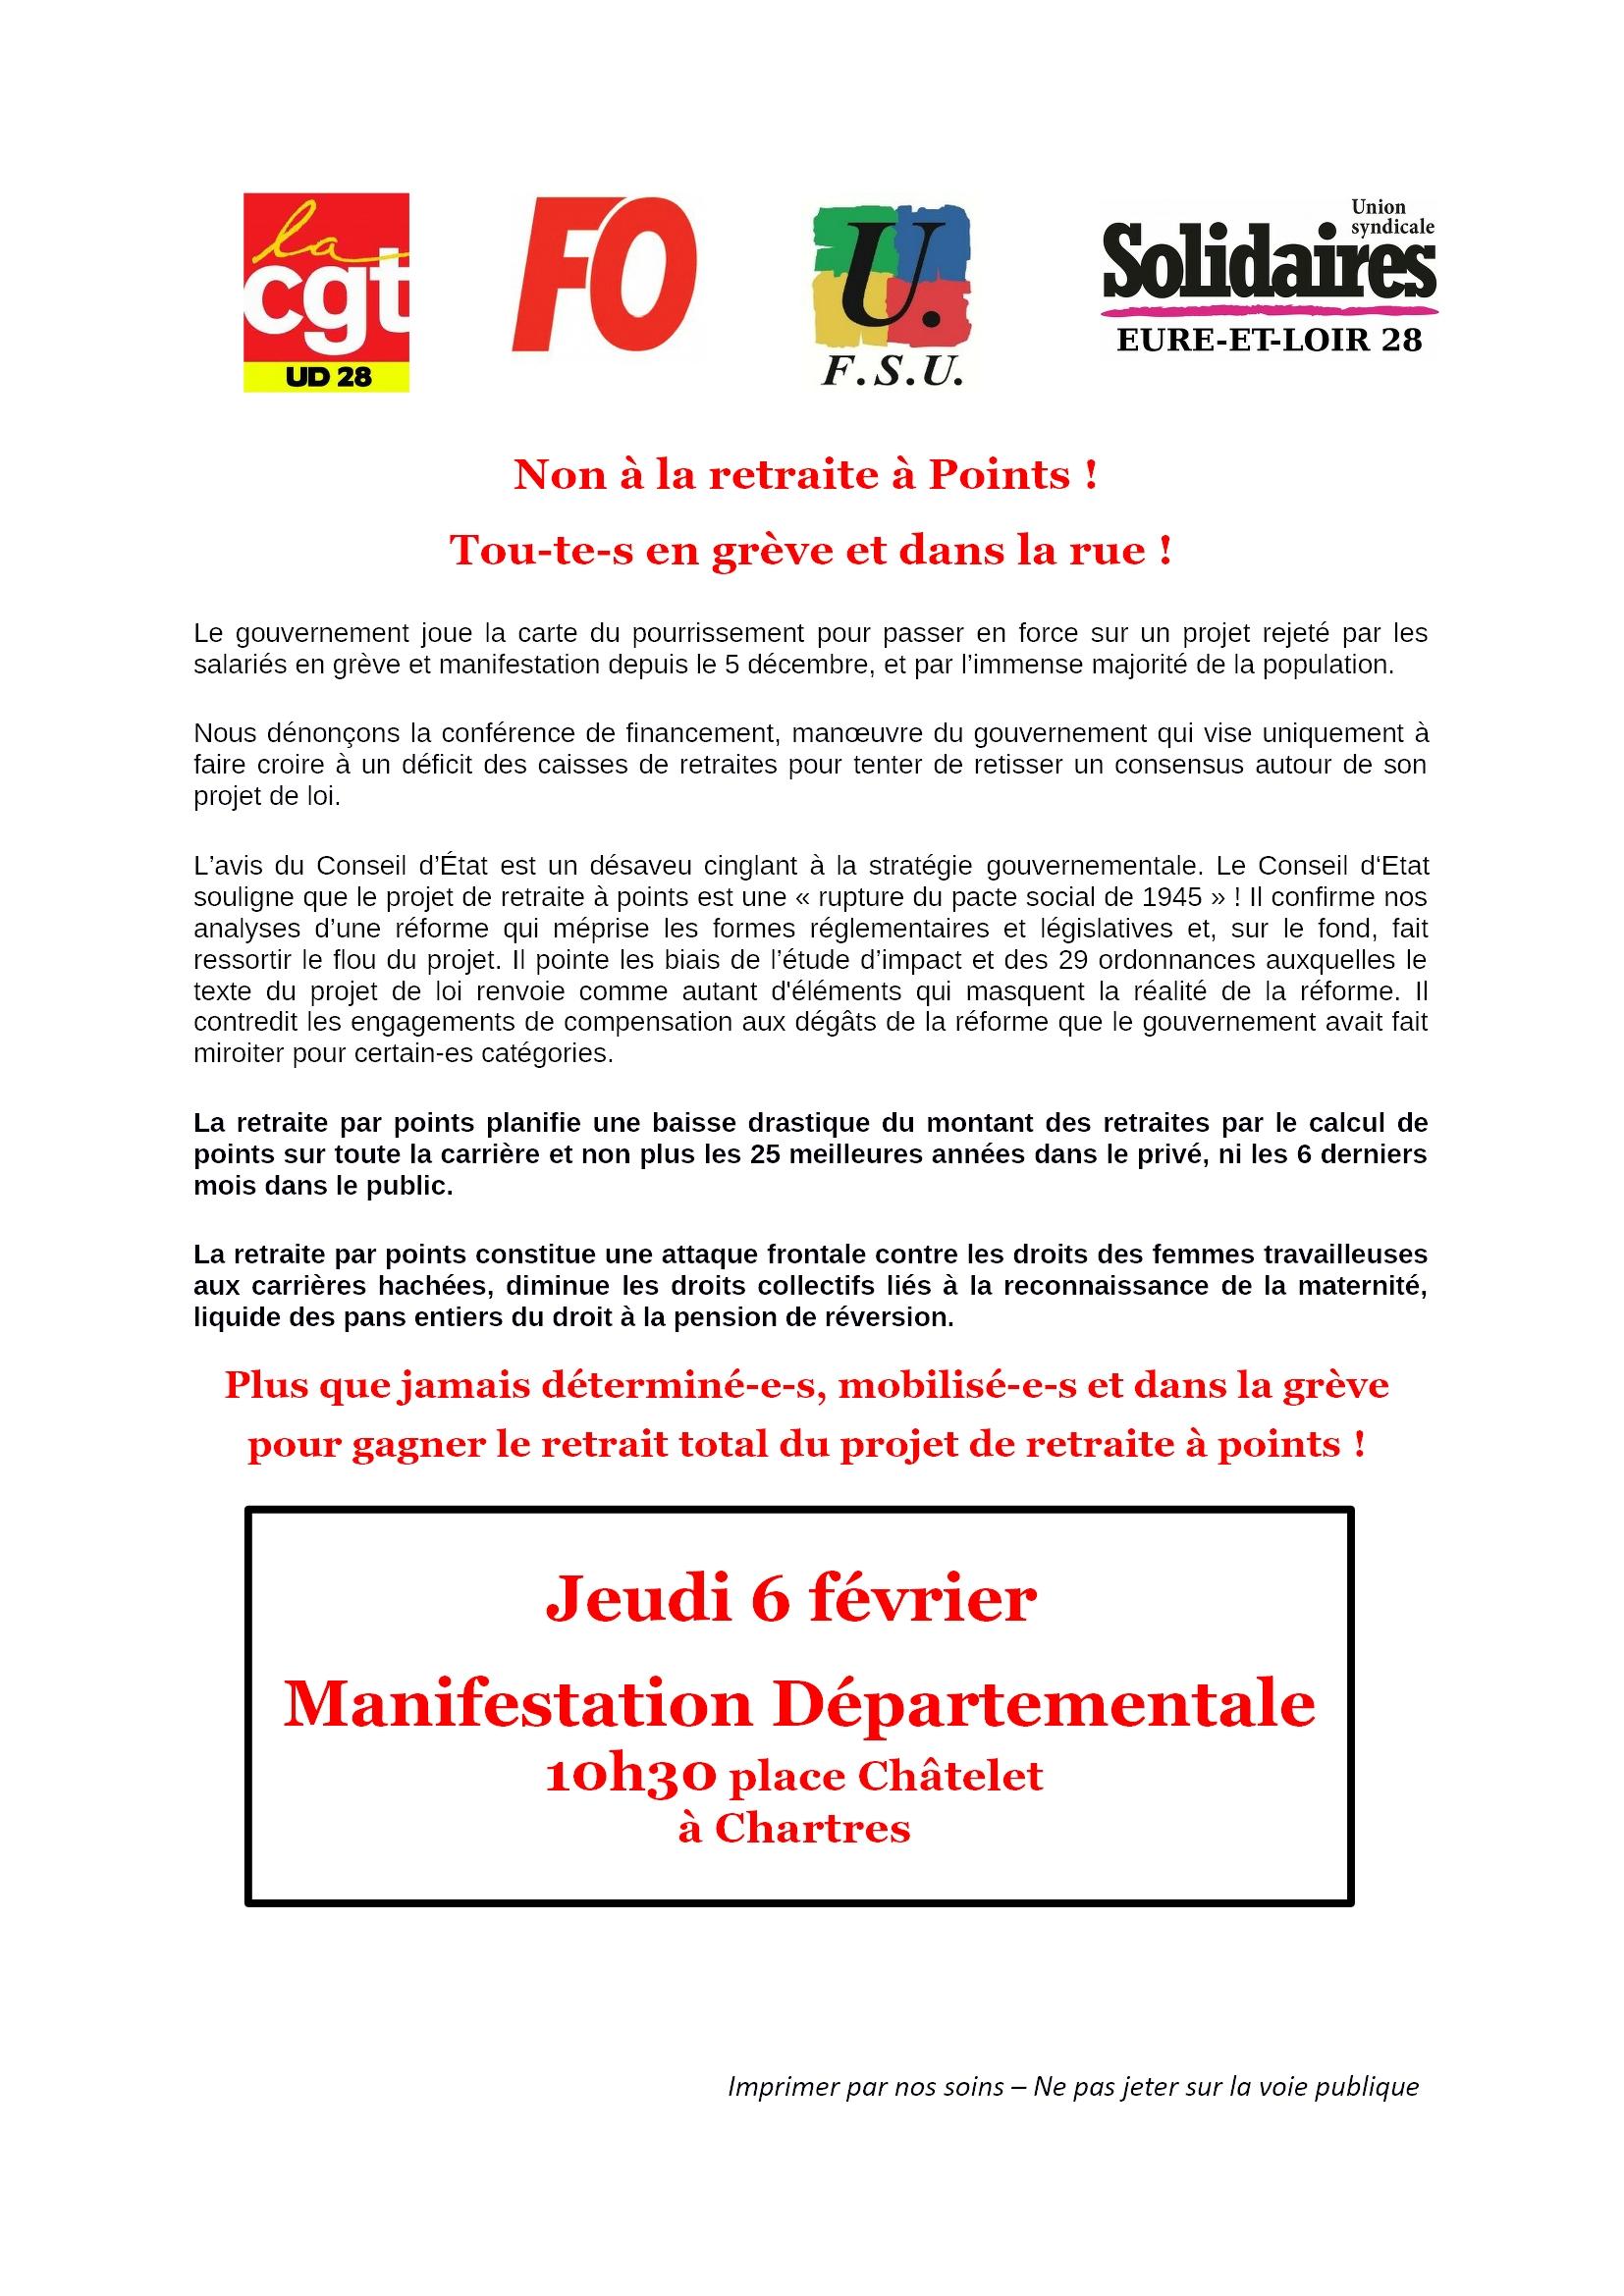 Appel Intersyndicale E&L pour 6 février 2020